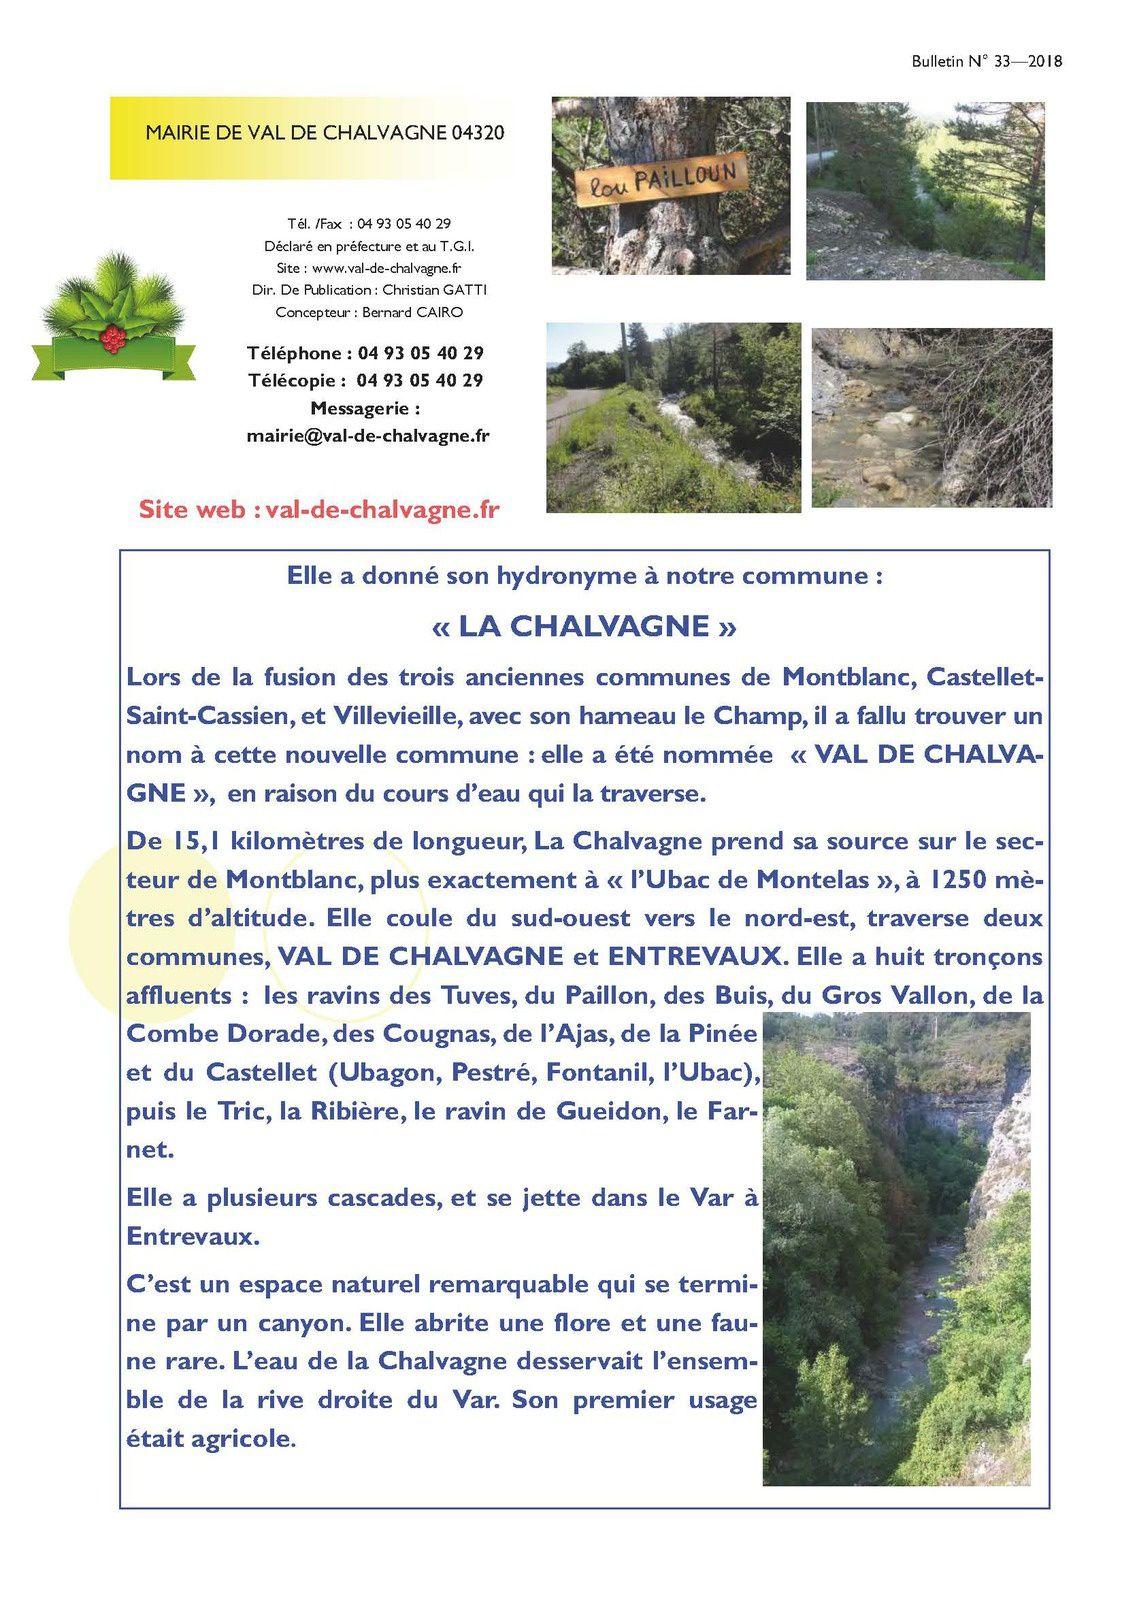 Le Bulletin Municipal de Val de Chalvagne 2018